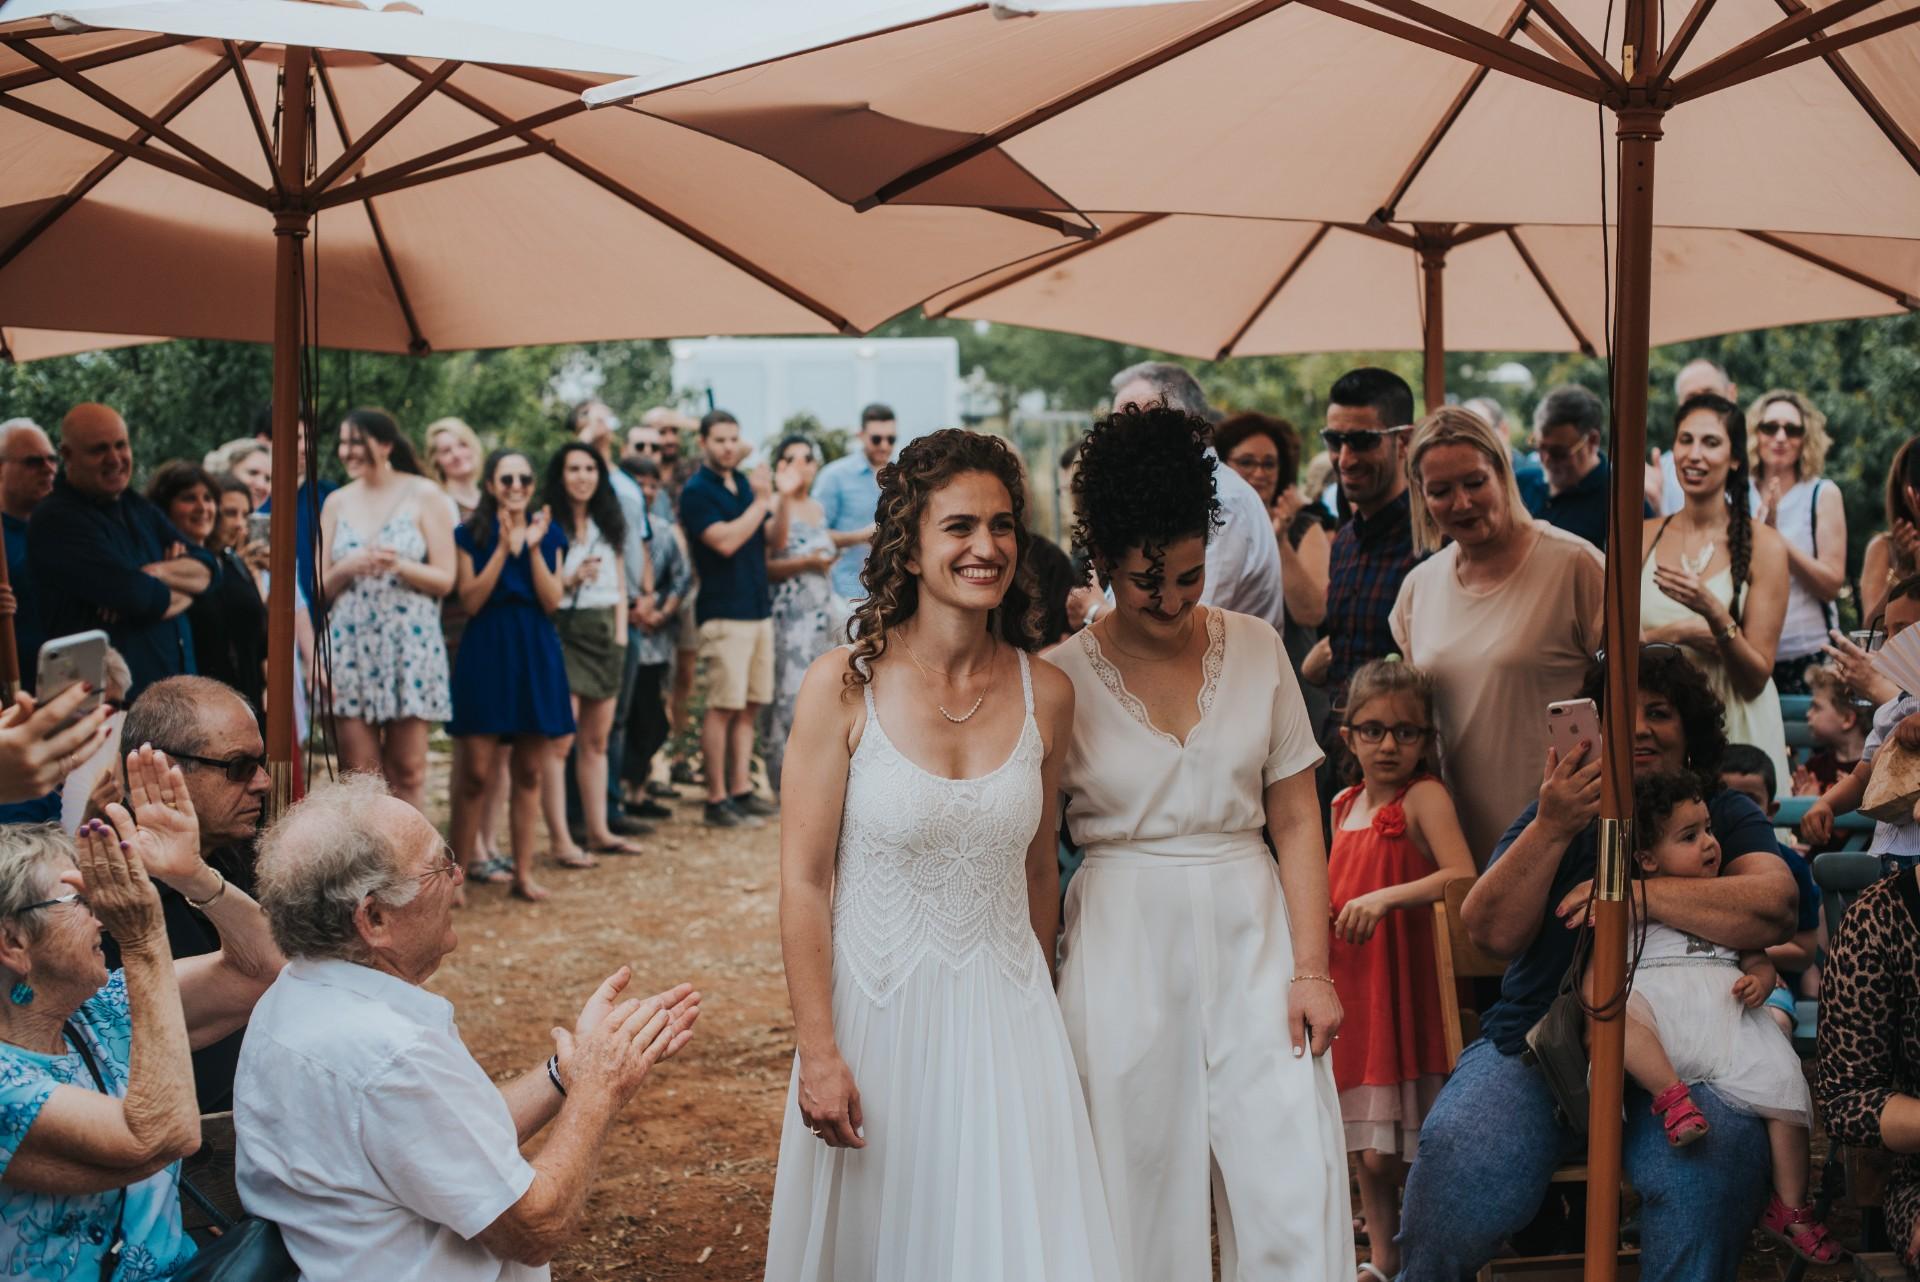 קז'ואל בחצר ההורים: החתונה של מיכל ויעלי